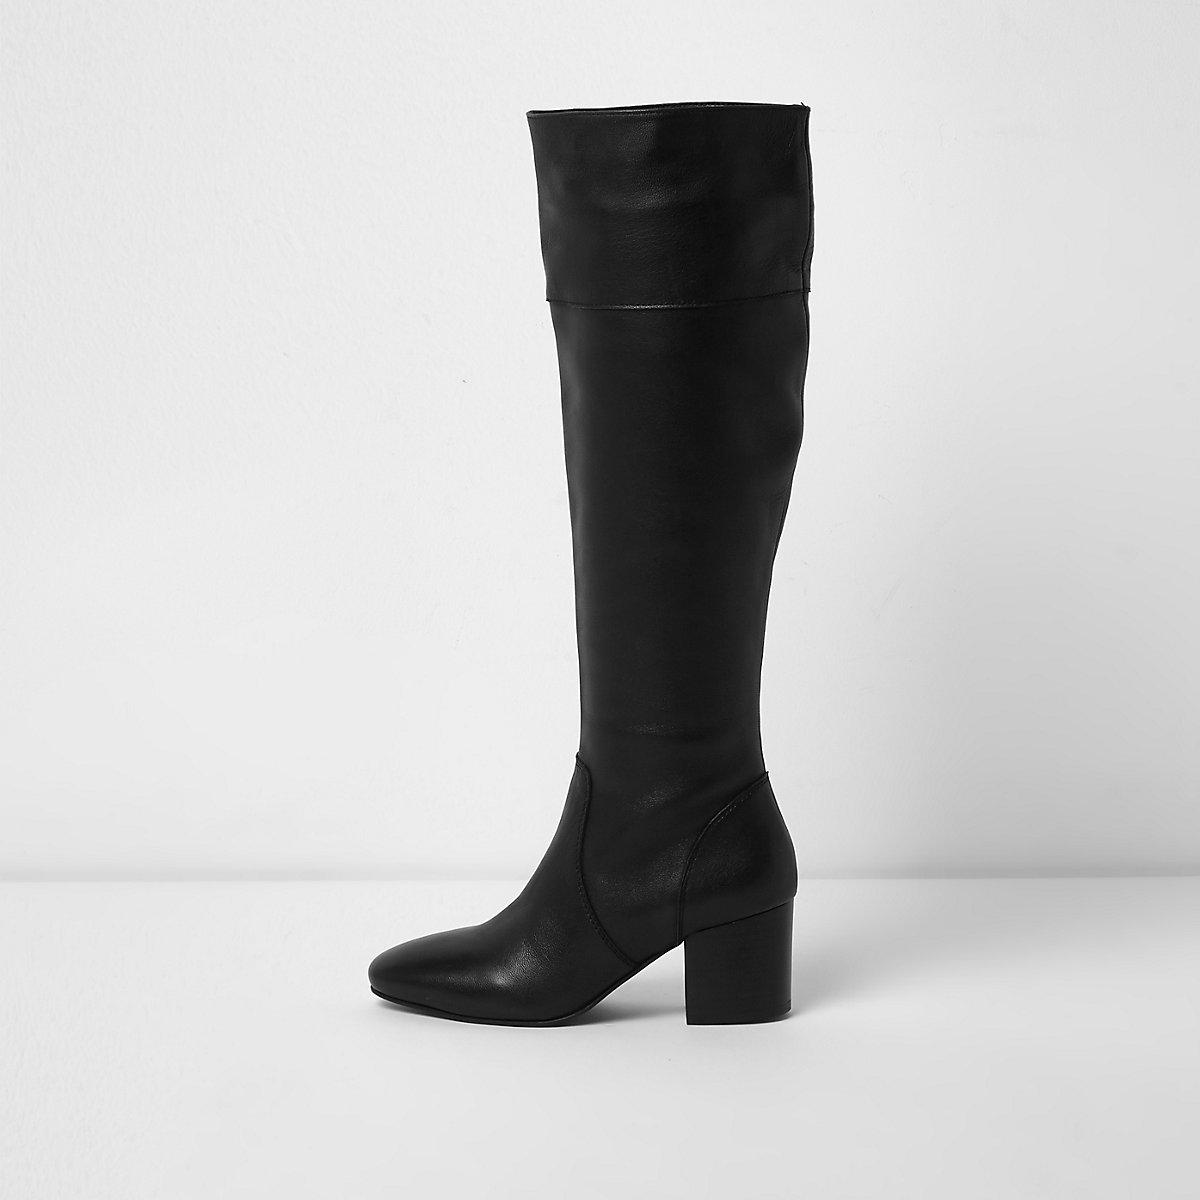 Zwarte kniehoge leren laarzen met blokhak Zwarte kniehoge leren laarzen met  blokhak ...